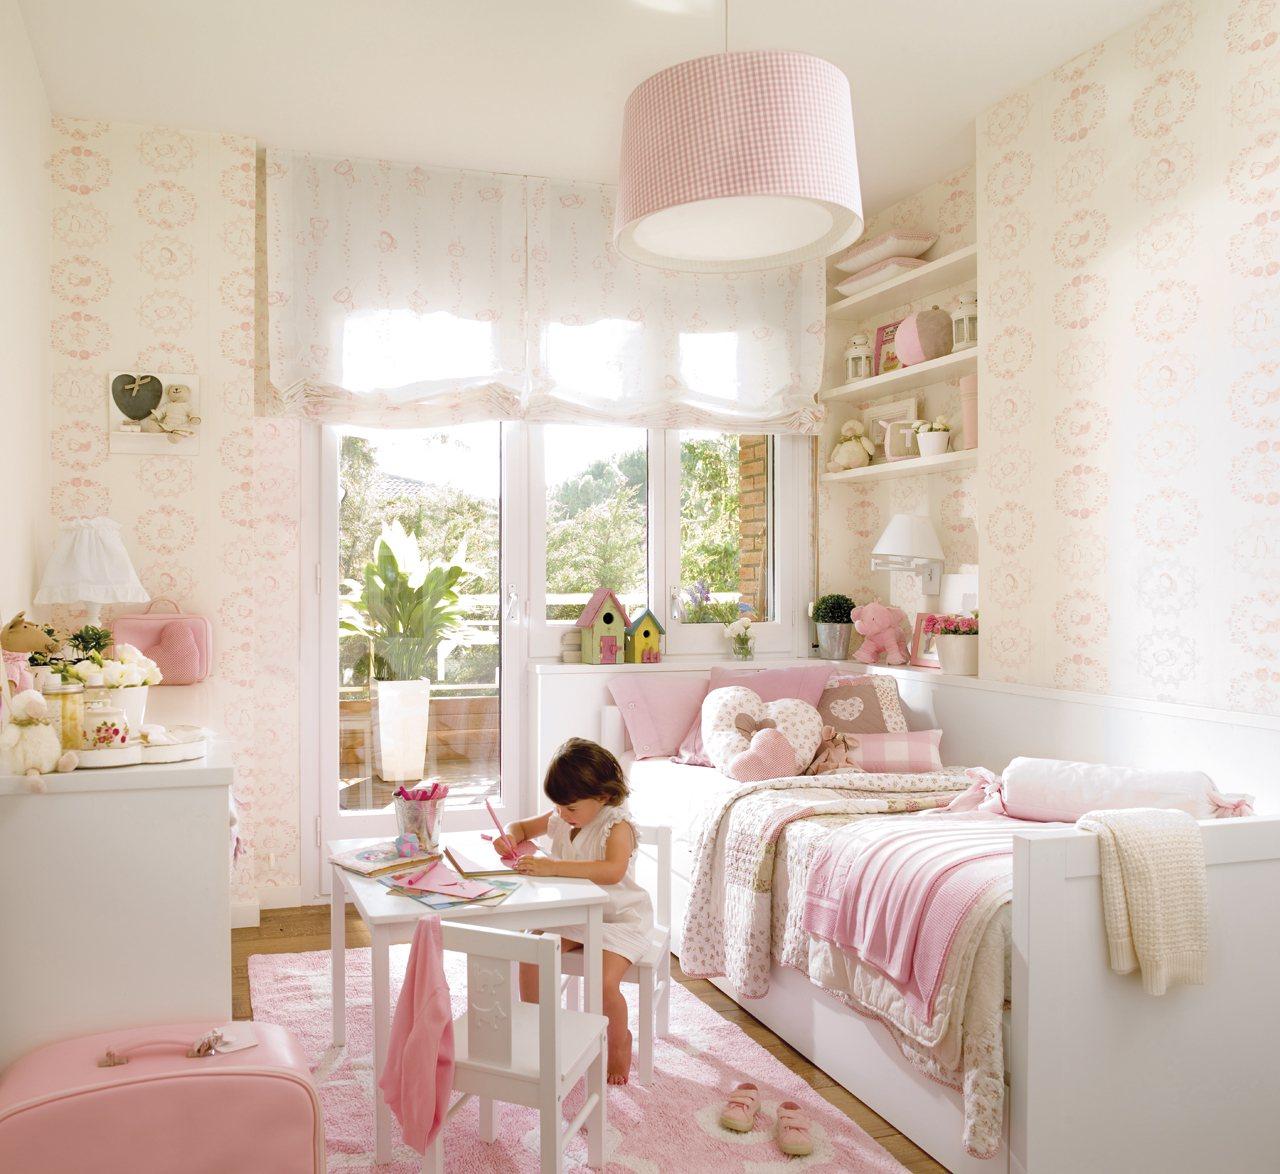 dormitorio en color rosa empapelado dormitorio infantil en tonos claros y rosa